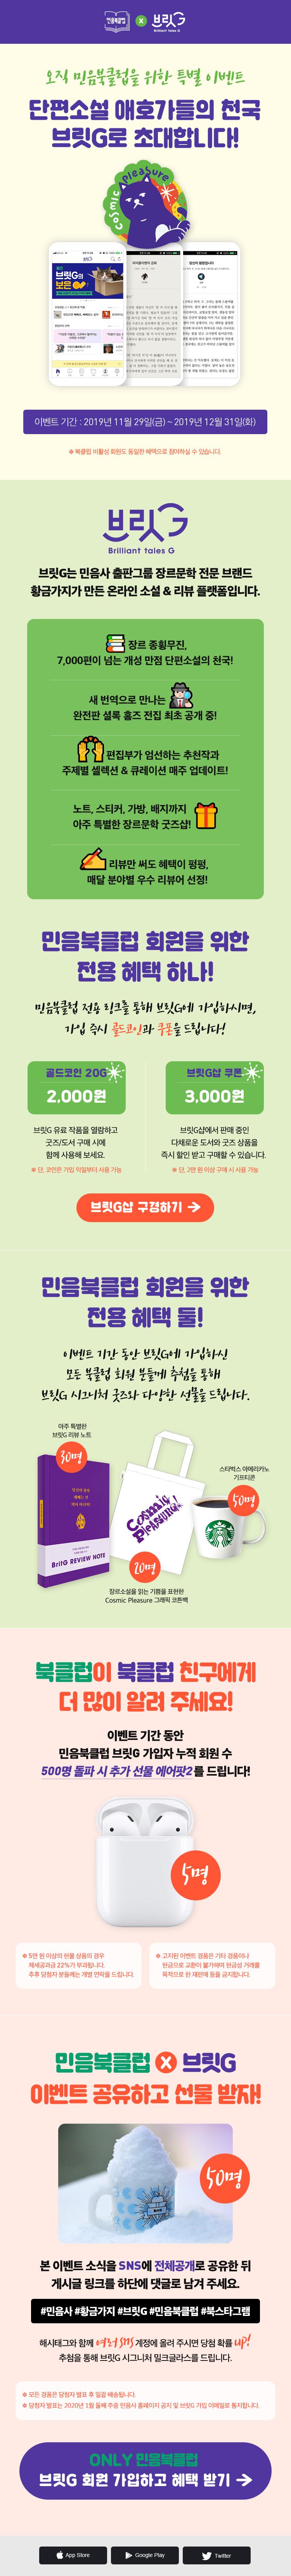 민음북클럽브릿G이벤트_홈페이지용